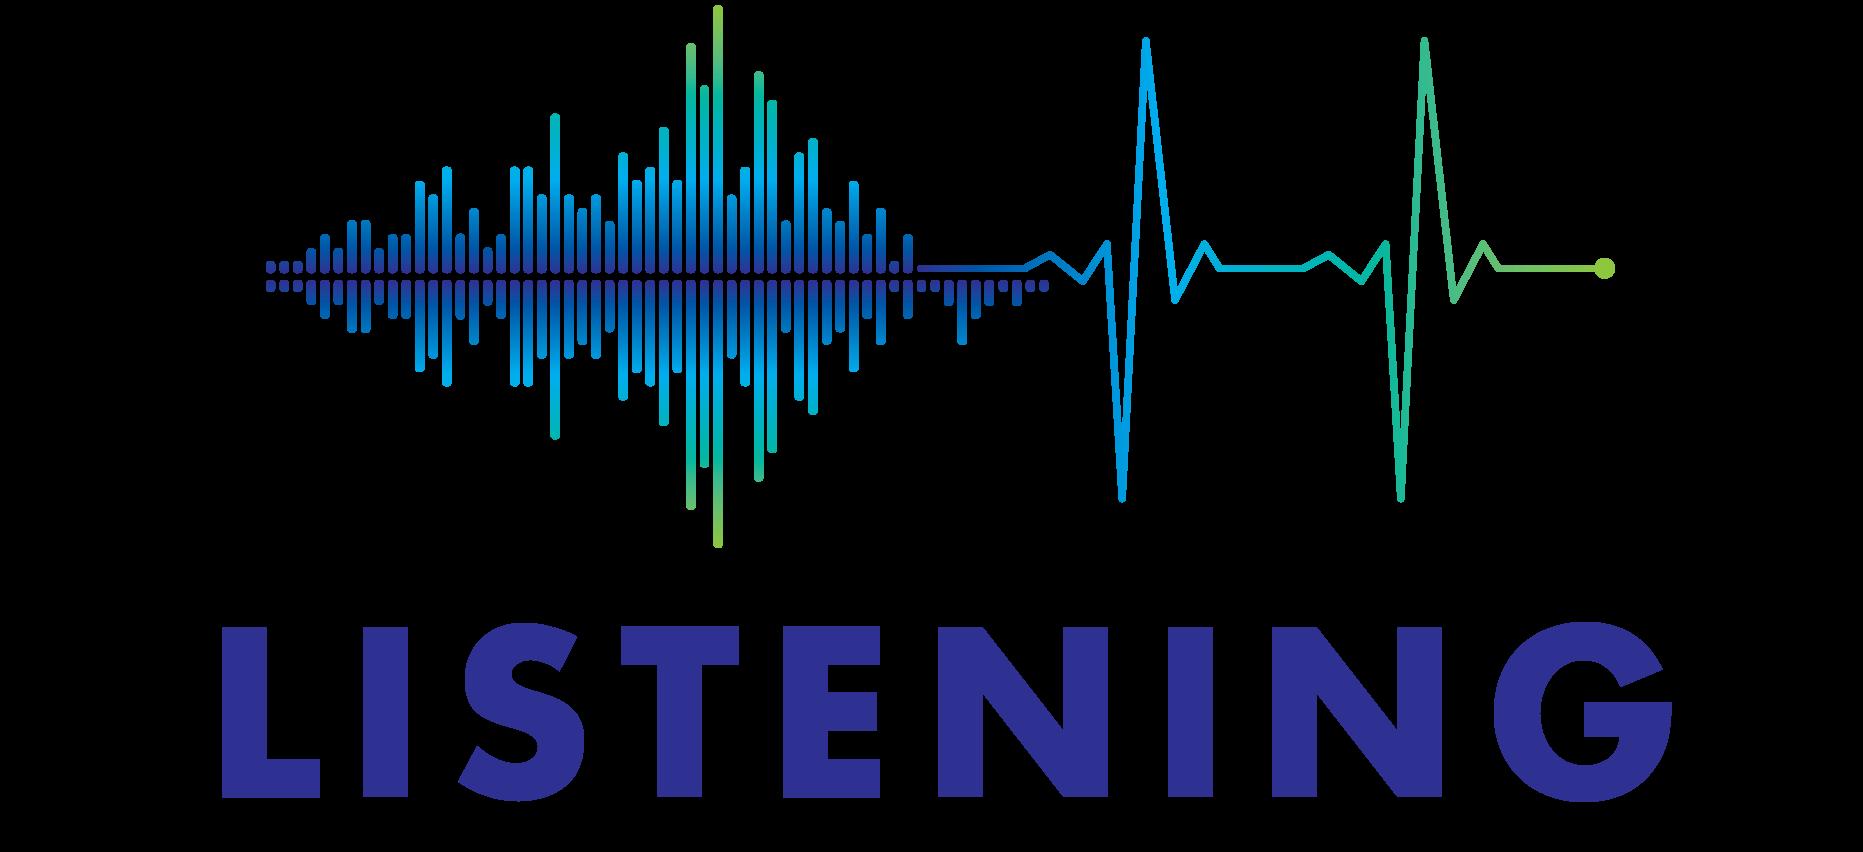 ejercicios de listening para practicar